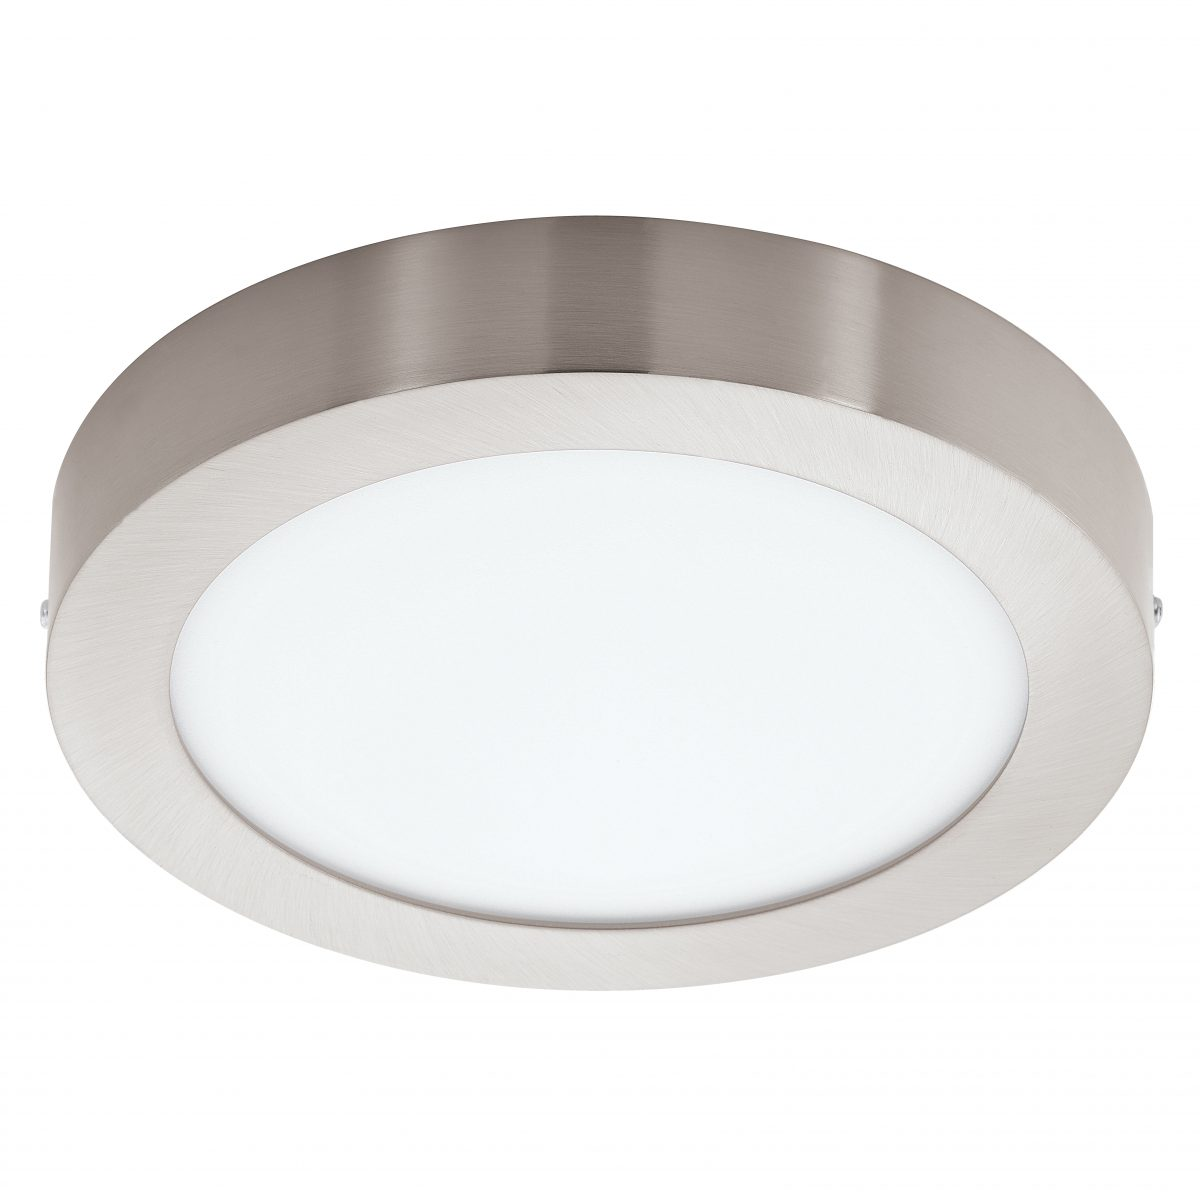 Светильник настенно-потолочный FUEVA 1 EGLO 94525 - Фото №28